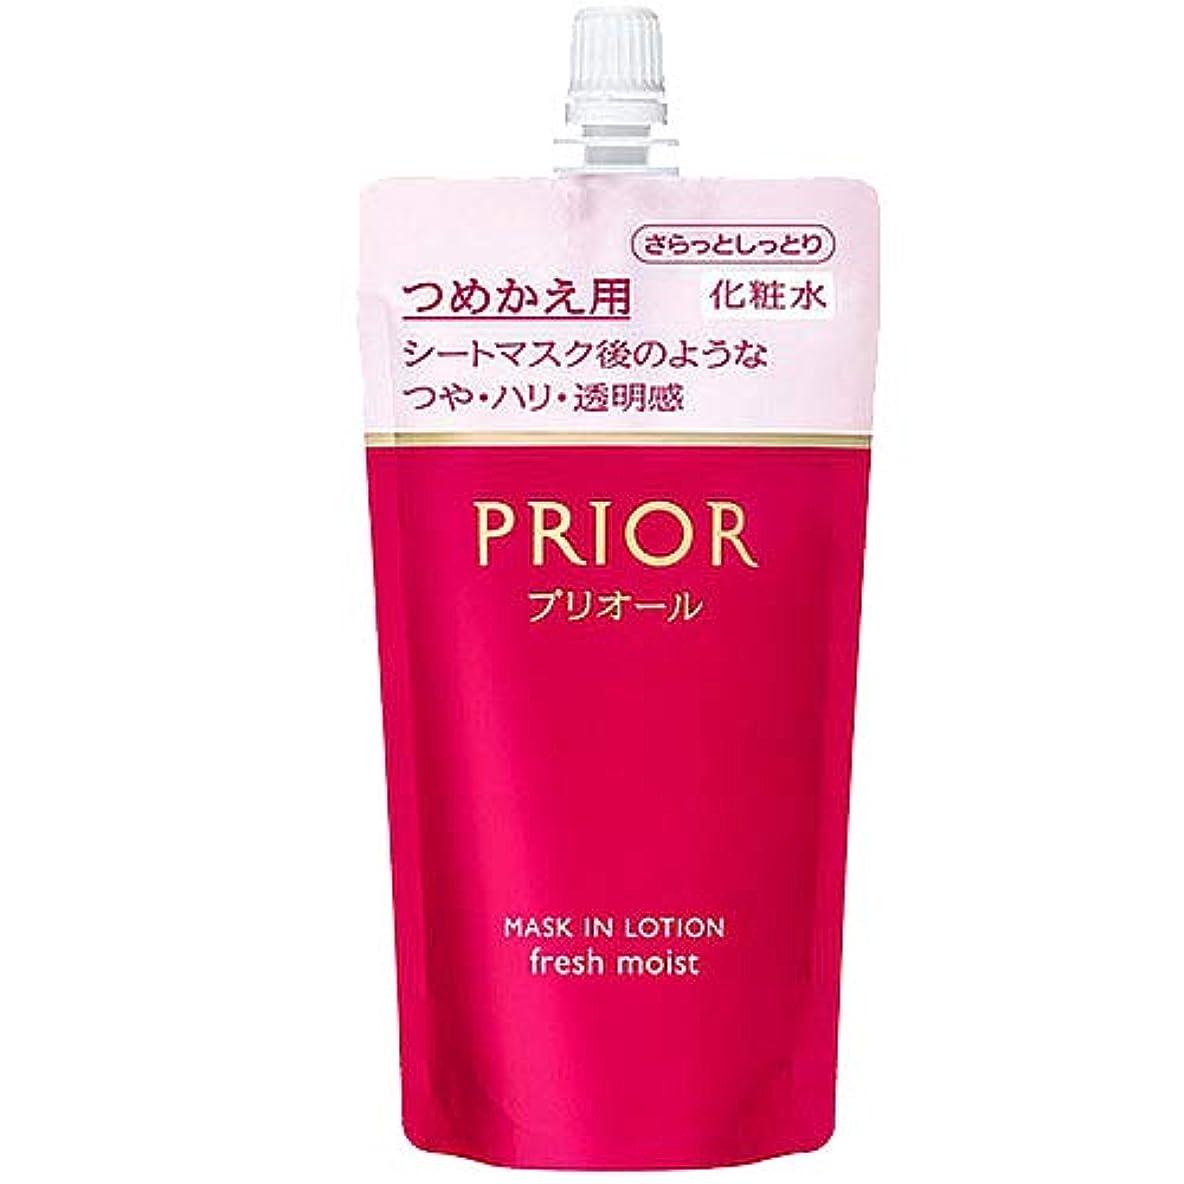 保存人道的ベルト資生堂 SHISEIDO プリオール マスクイン化粧水 (さらっとしっとり) (つめかえ用) 140ml [並行輸入品]